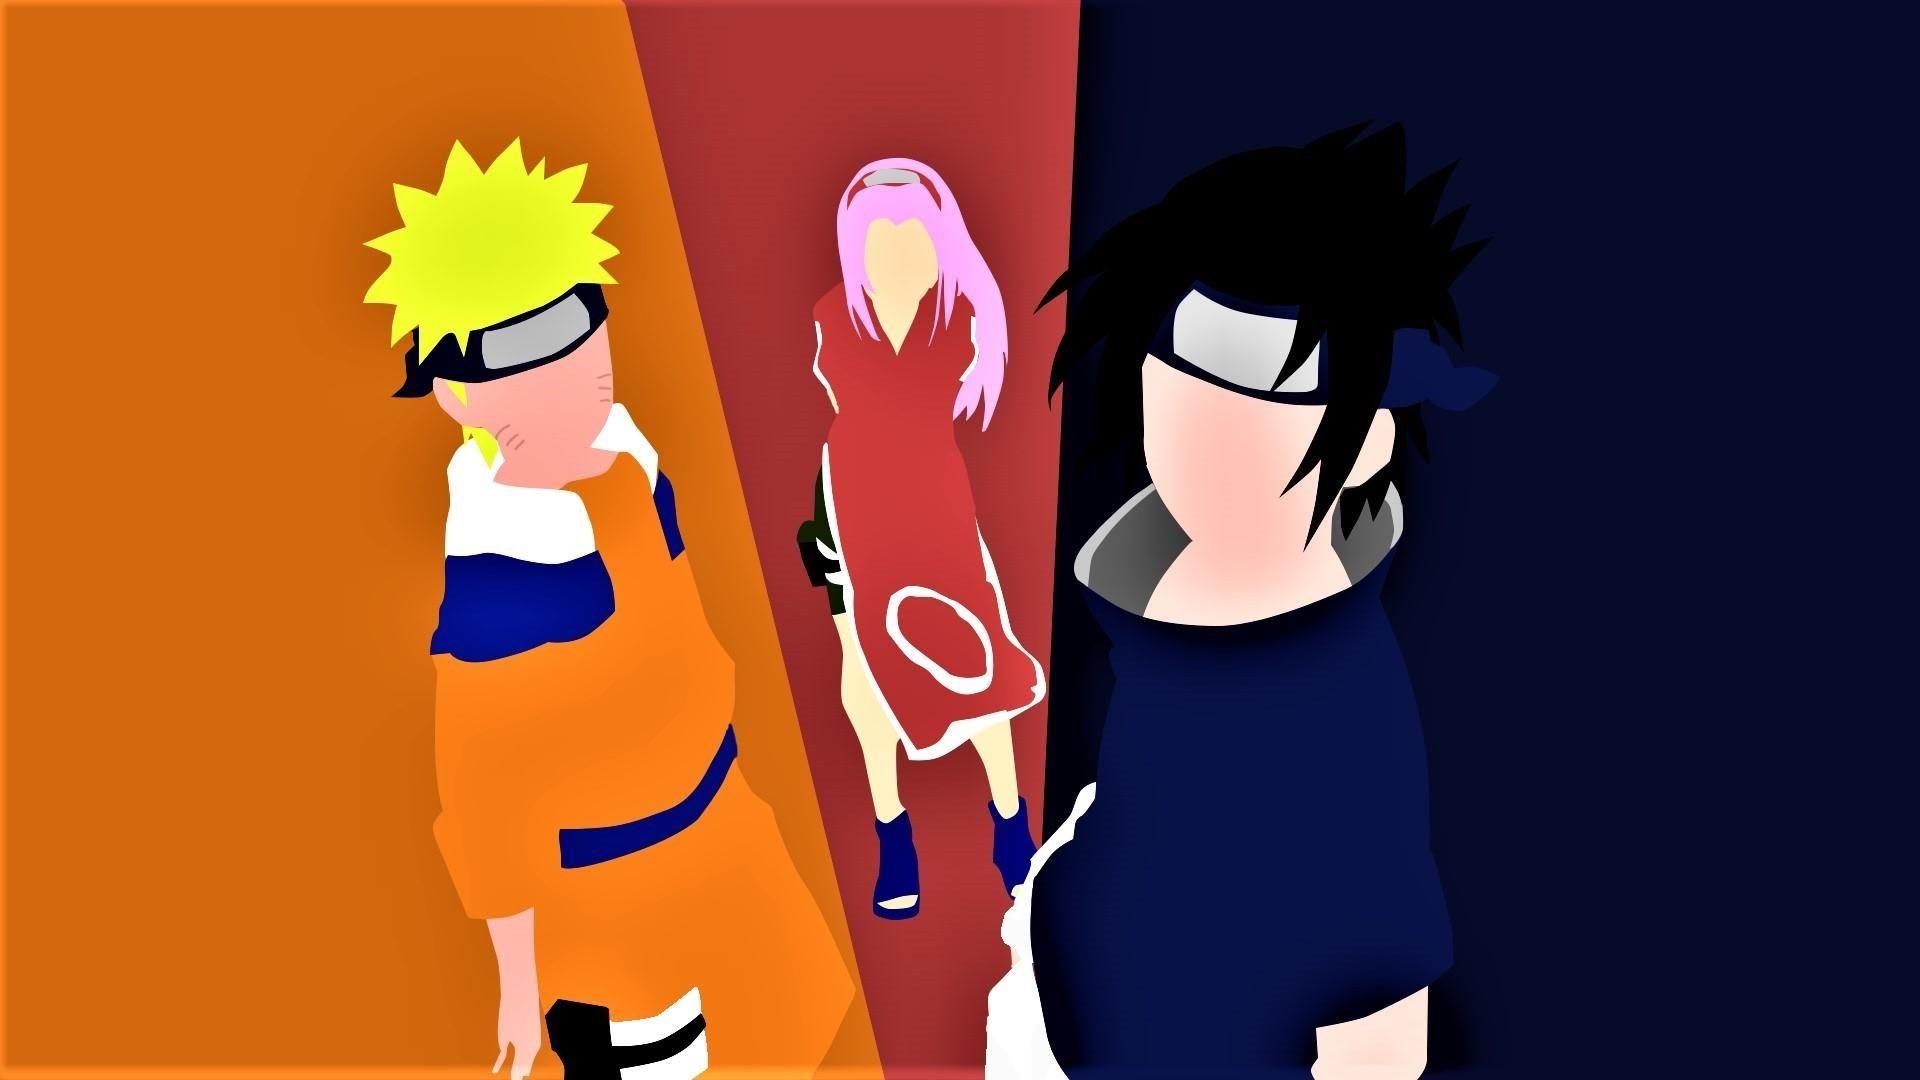 Download 570 Wallpaper Naruto Dan HD Gratid